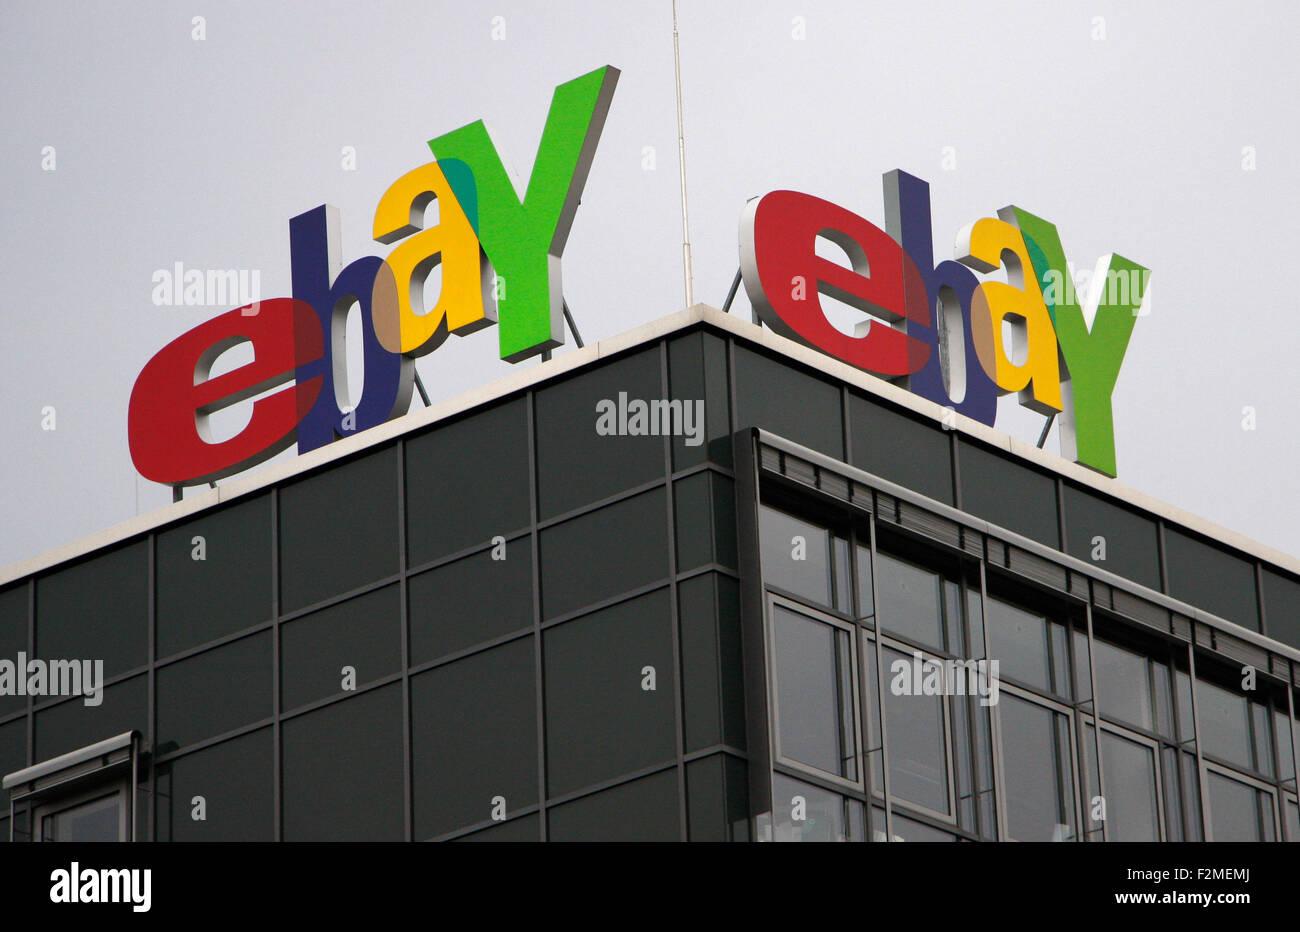 Ebay-Logo an der Deutschlandzentrale der Firma 'Ebay', Kleinmchnow/ 'Ebay' hedqurters logo al alemán Imagen De Stock